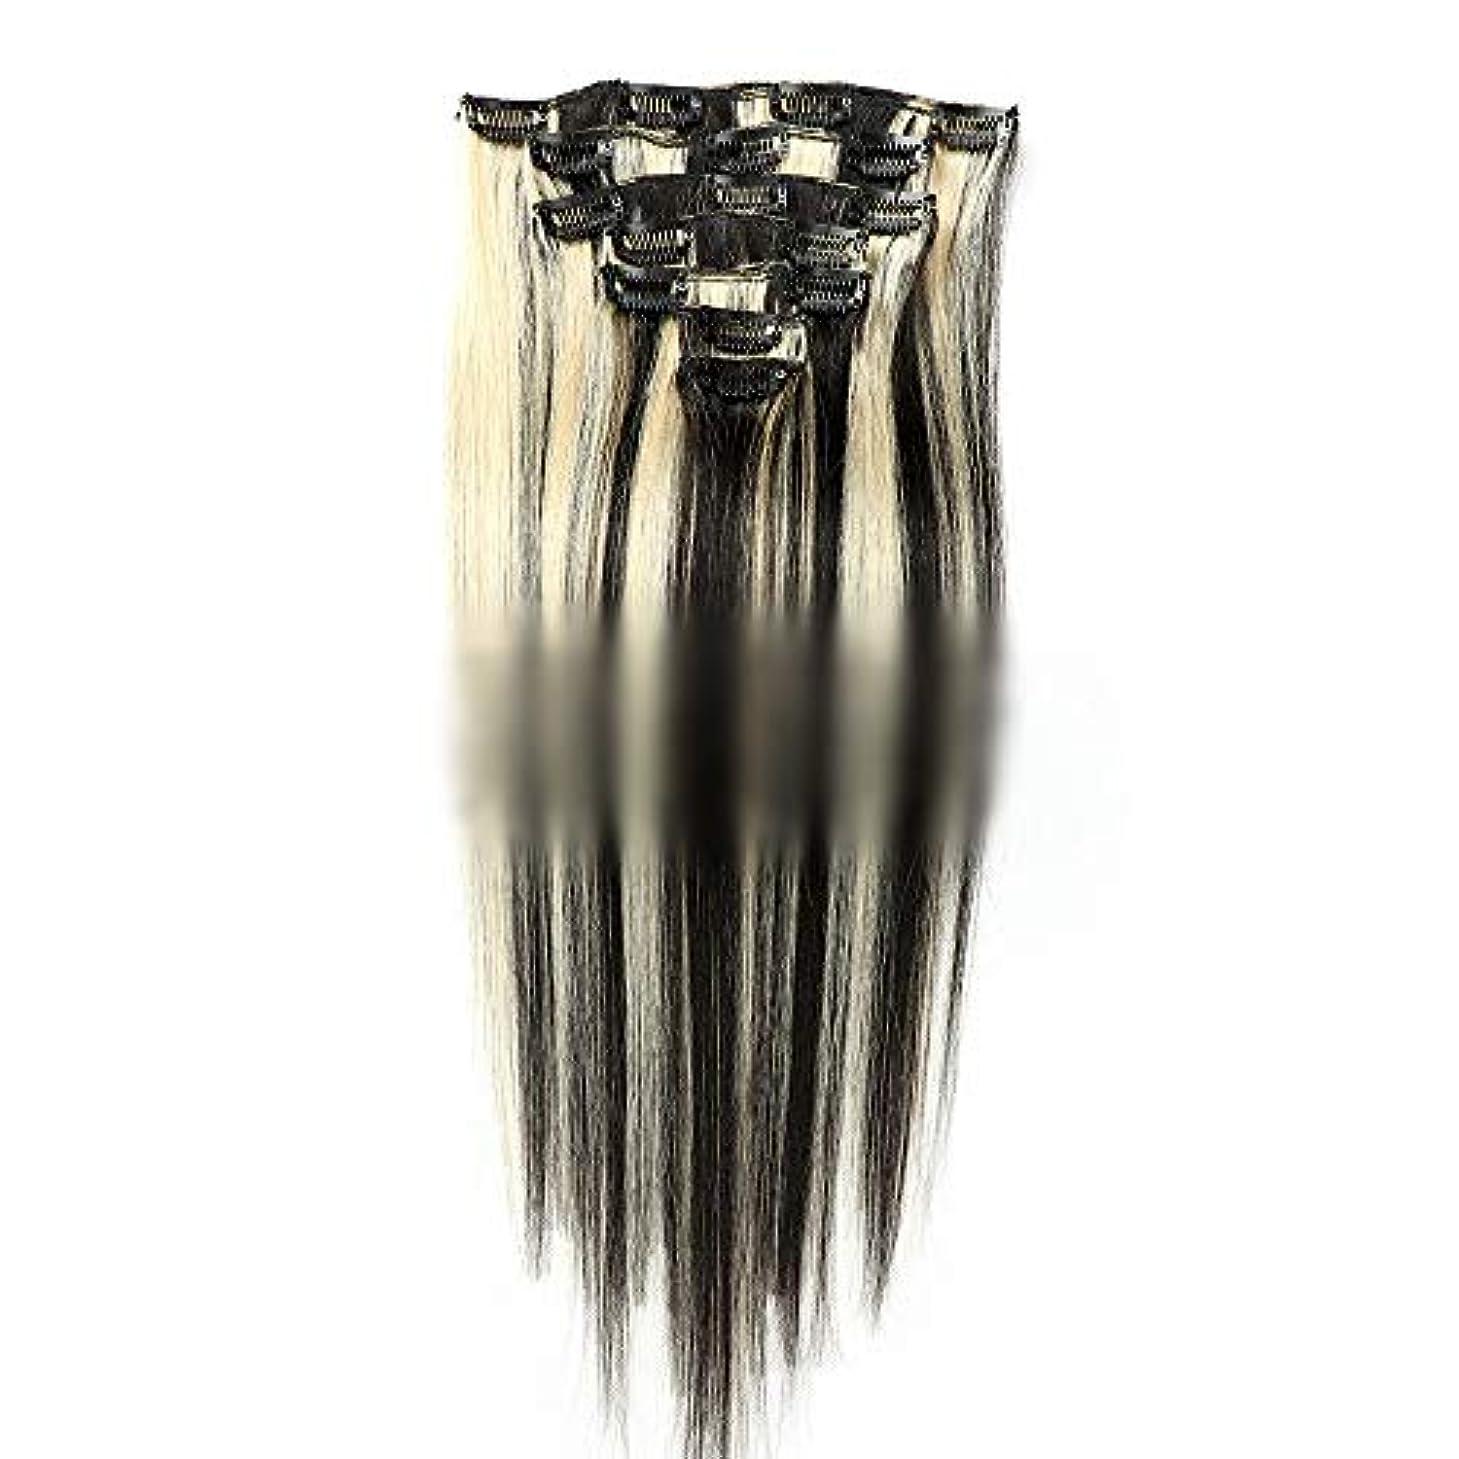 グラフ準備した谷HOHYLLYA 本物のヘアエクステンションフルヘッドでストレートダブル横糸人間の髪の毛クリップ - 22インチ80 g#1B / 613アッシュブロンドと黒のコロロールプレイングかつら女性の自然なかつら (色 : #1B...